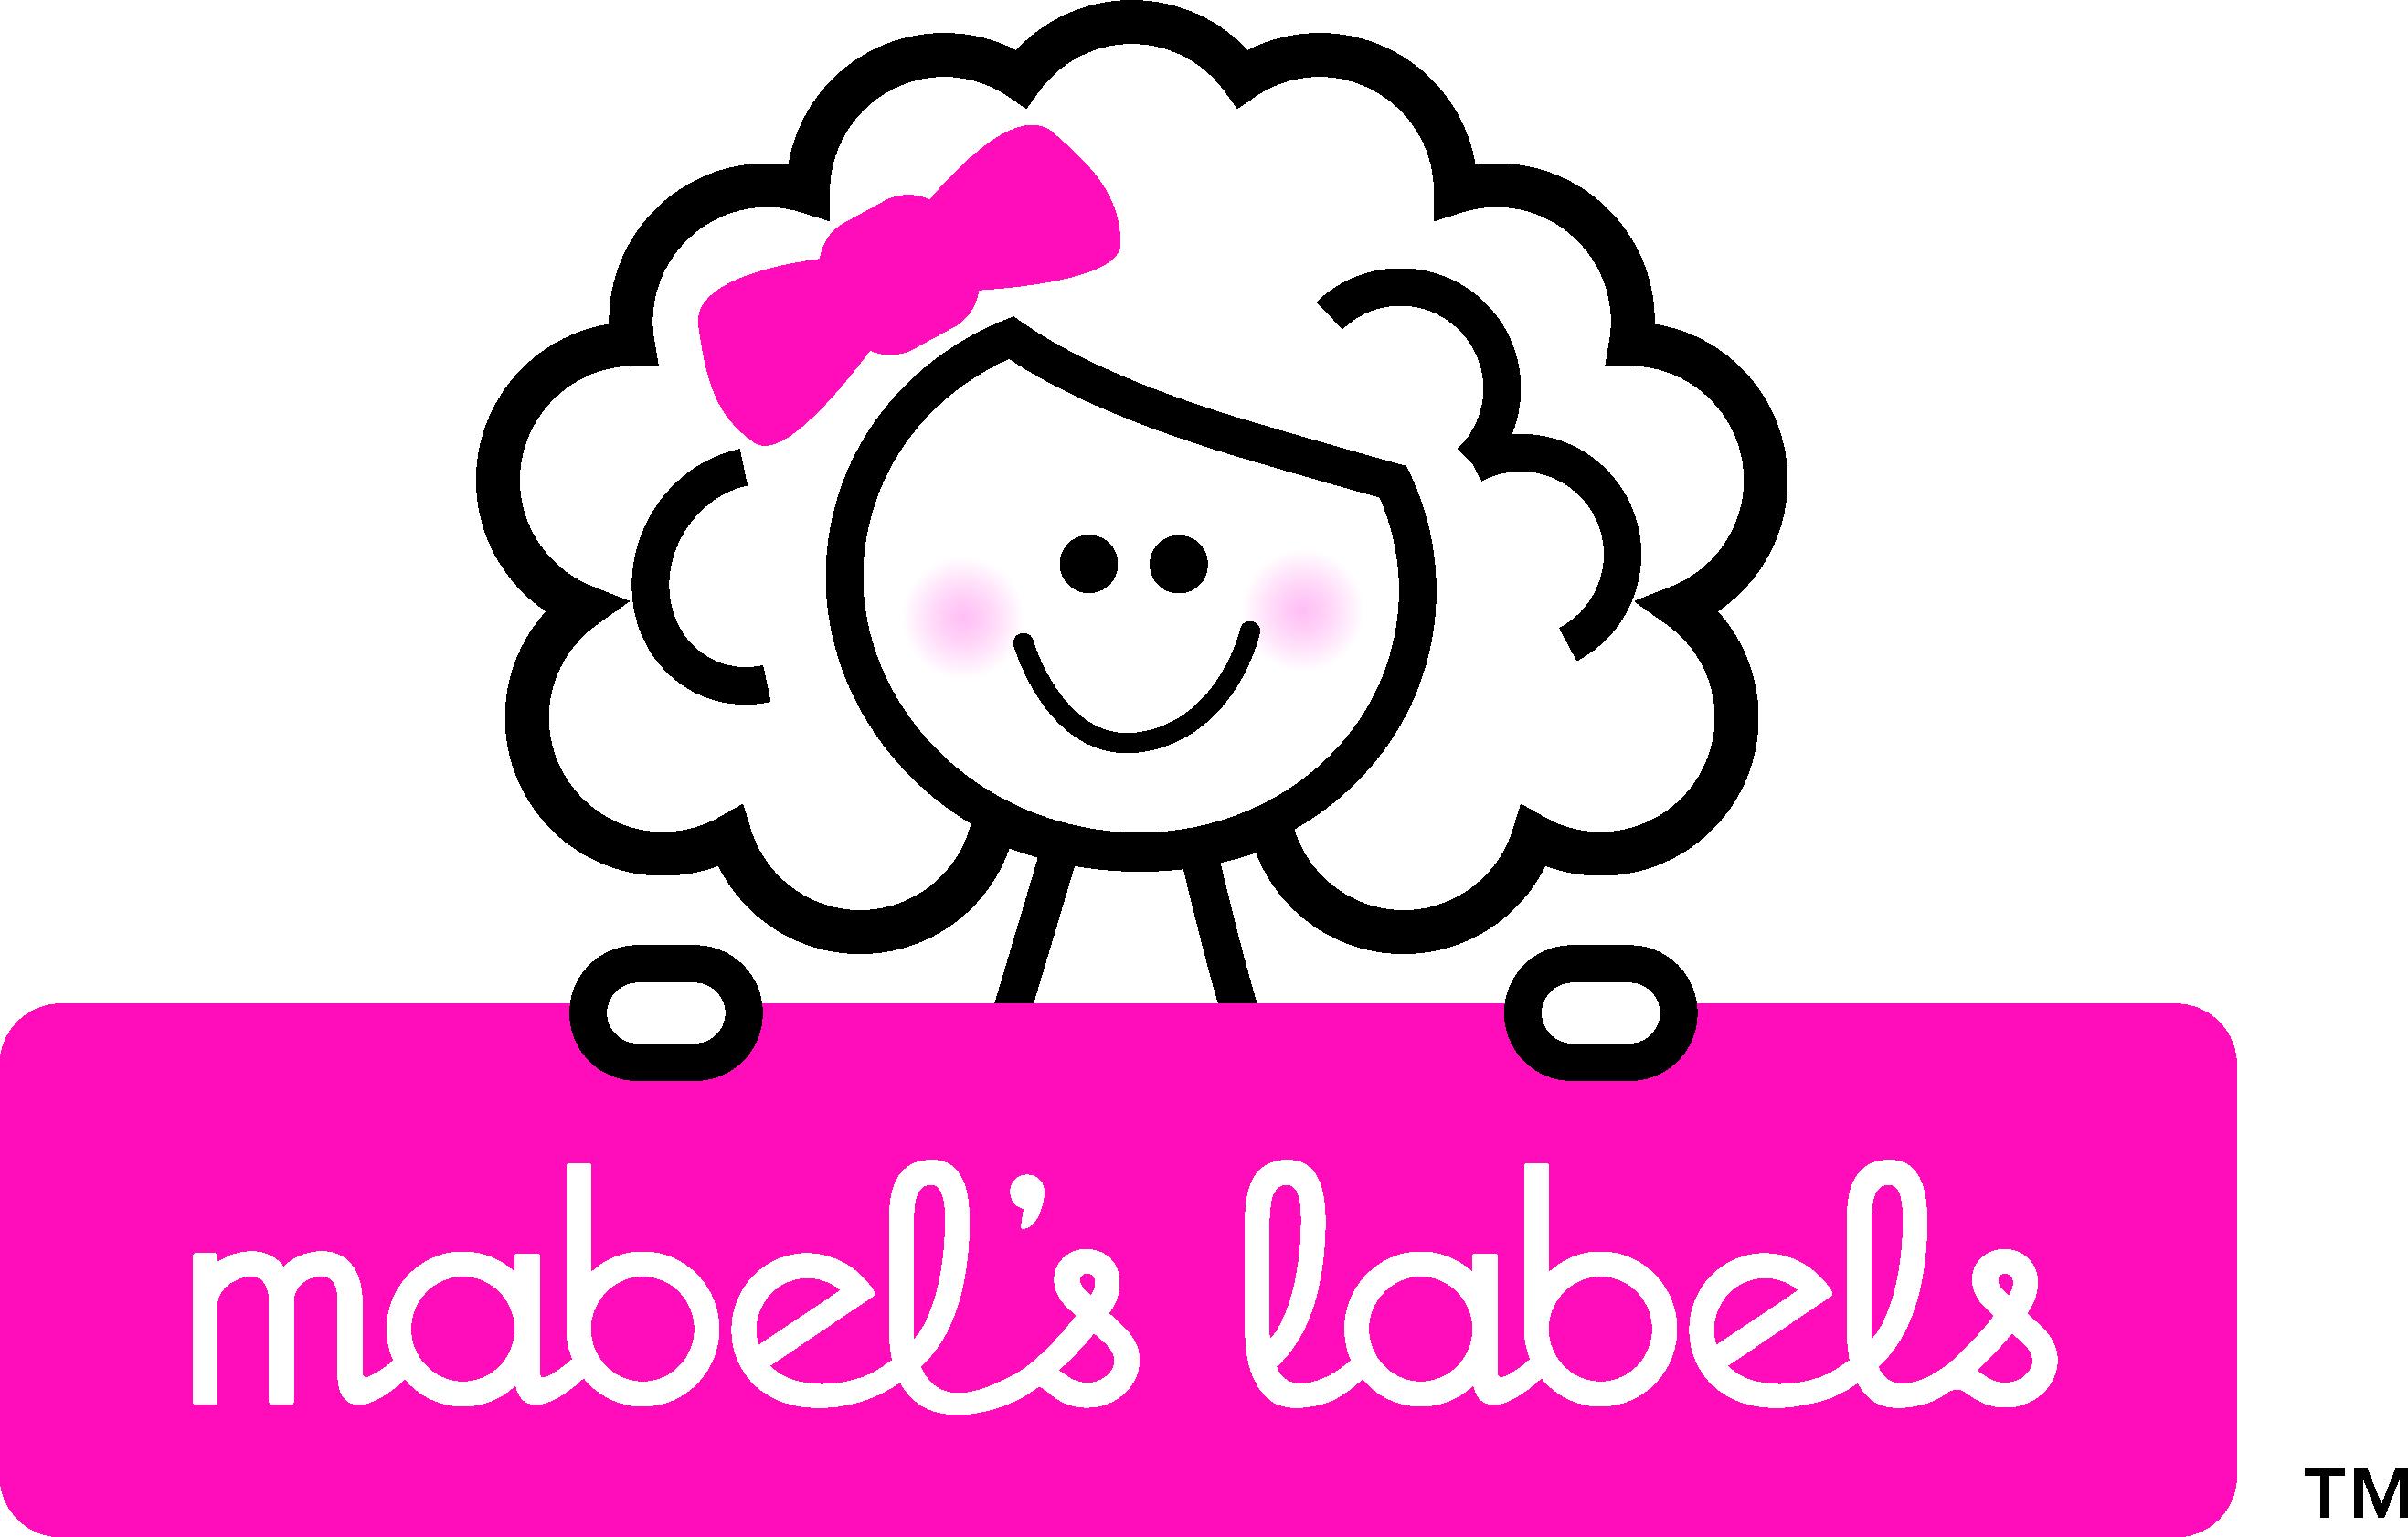 Image result for mabel's labels